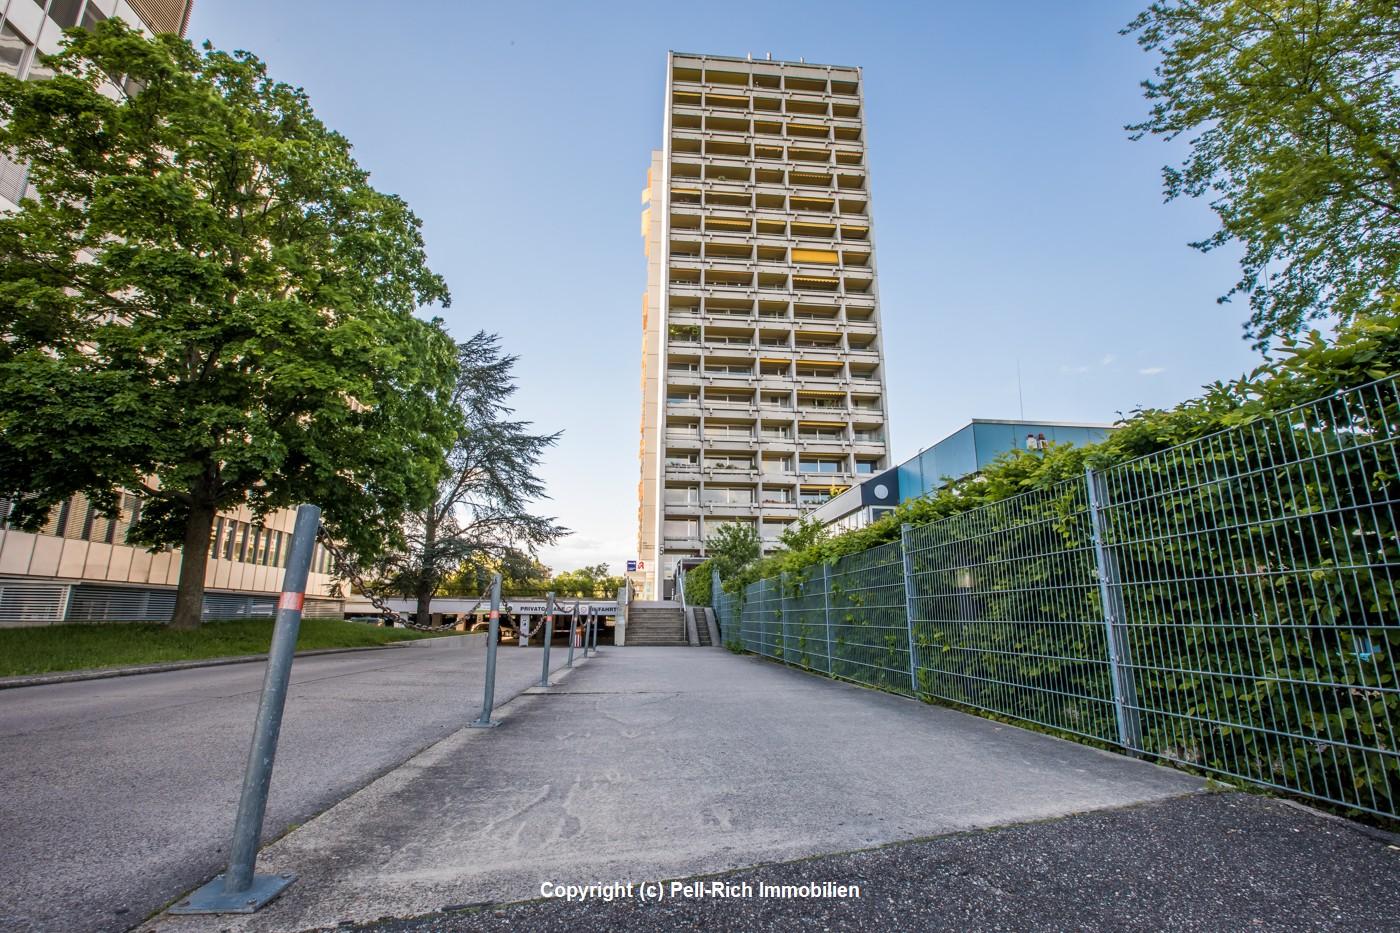 BLICKFANG – Vermietete und gepflegte Wohnung mit Weitblick in KA-Rüppurr!